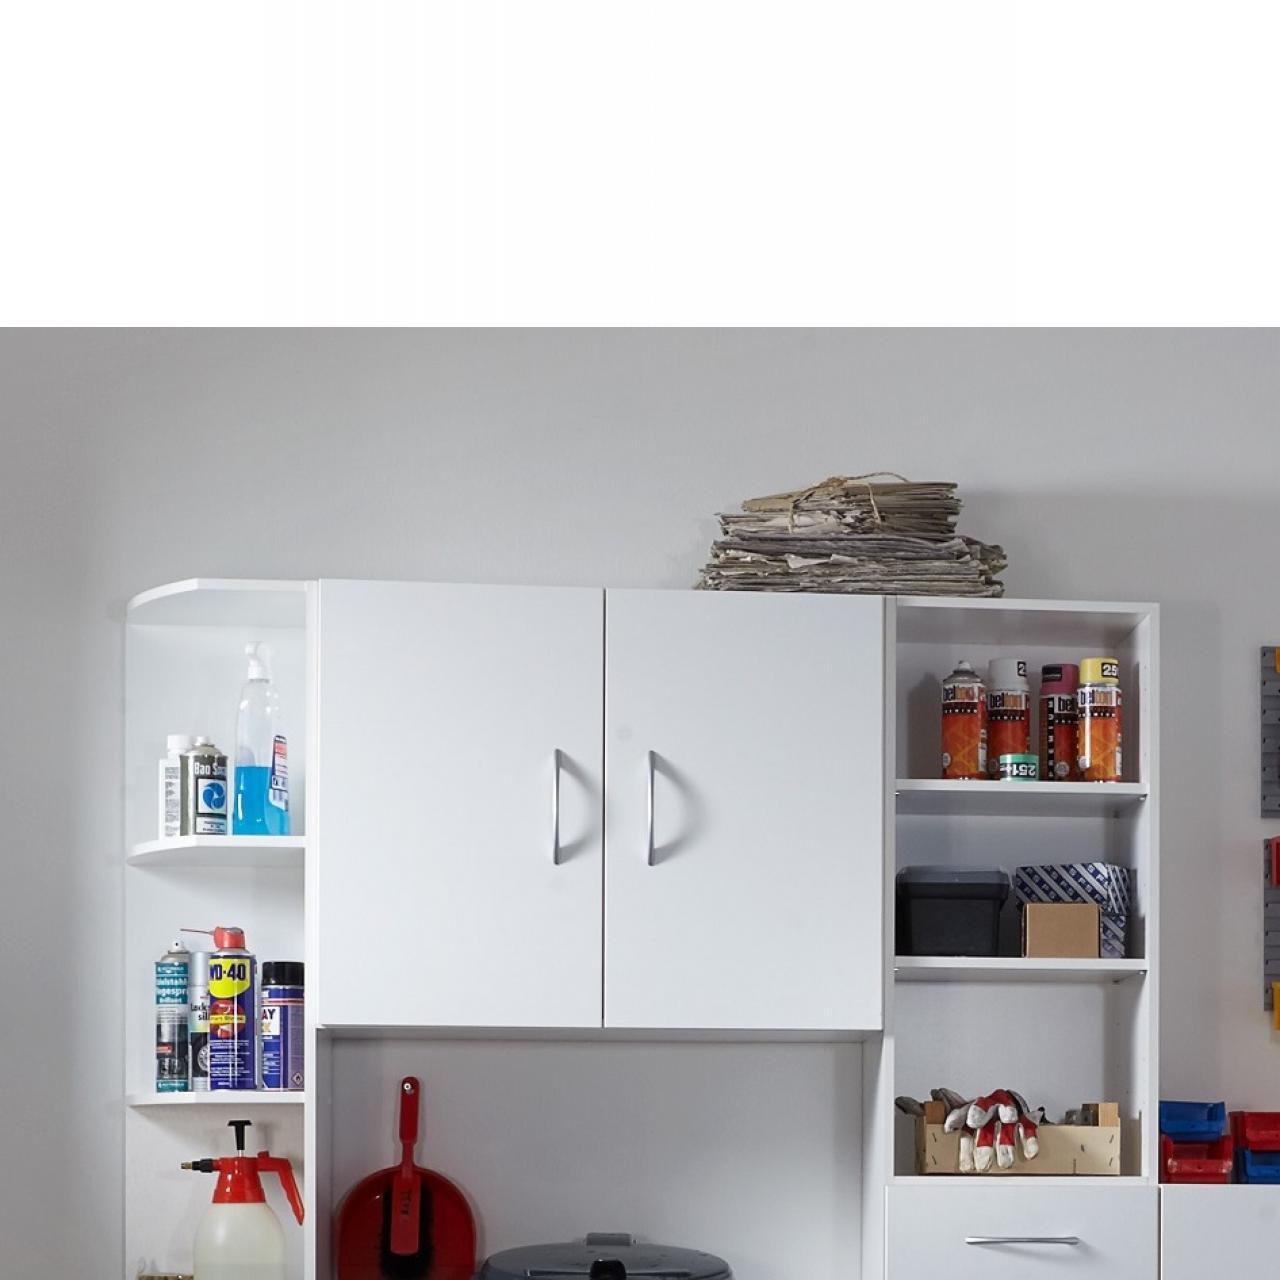 Aufsatz MRK 218529 für Kleiderschrank   Schränke   Büro   Möbel ...